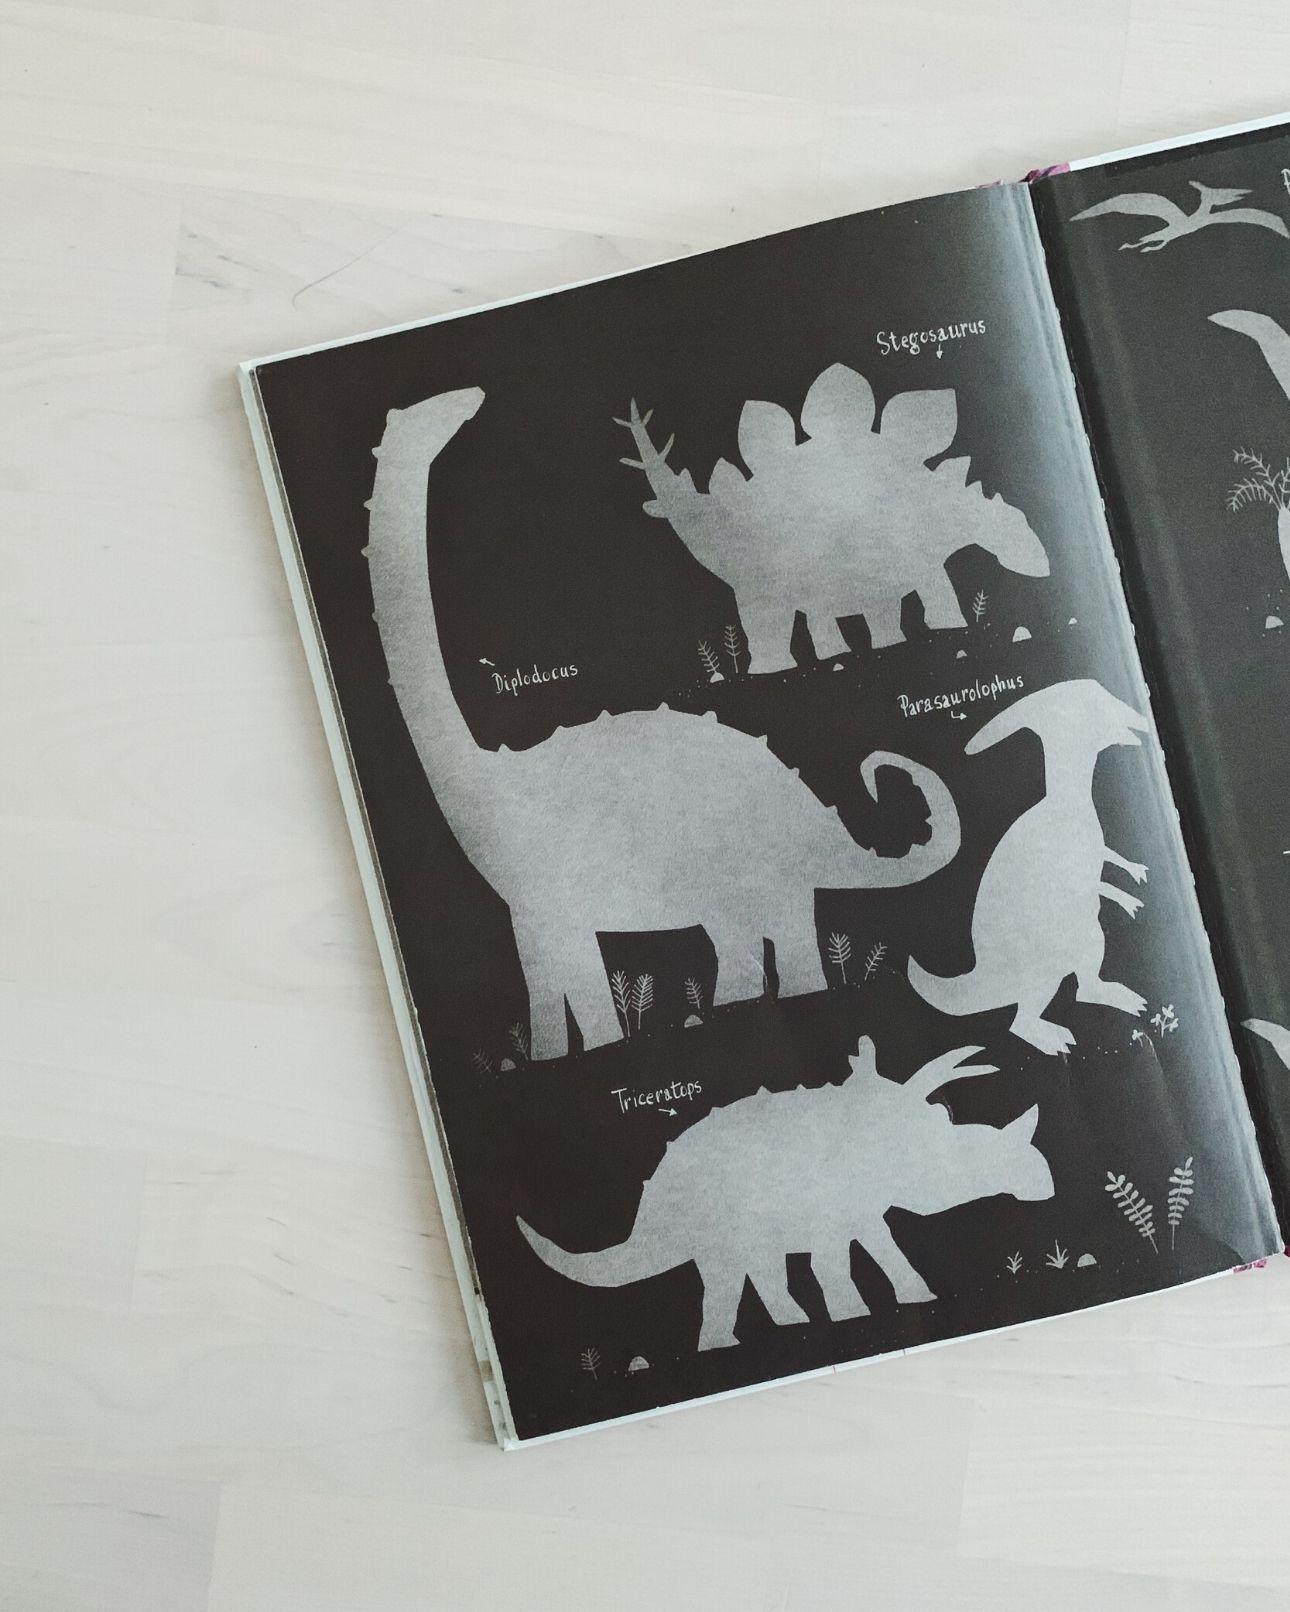 Kinderboek Het ongeloofelijke maar waargebeurde verhaal over de dino's (2)